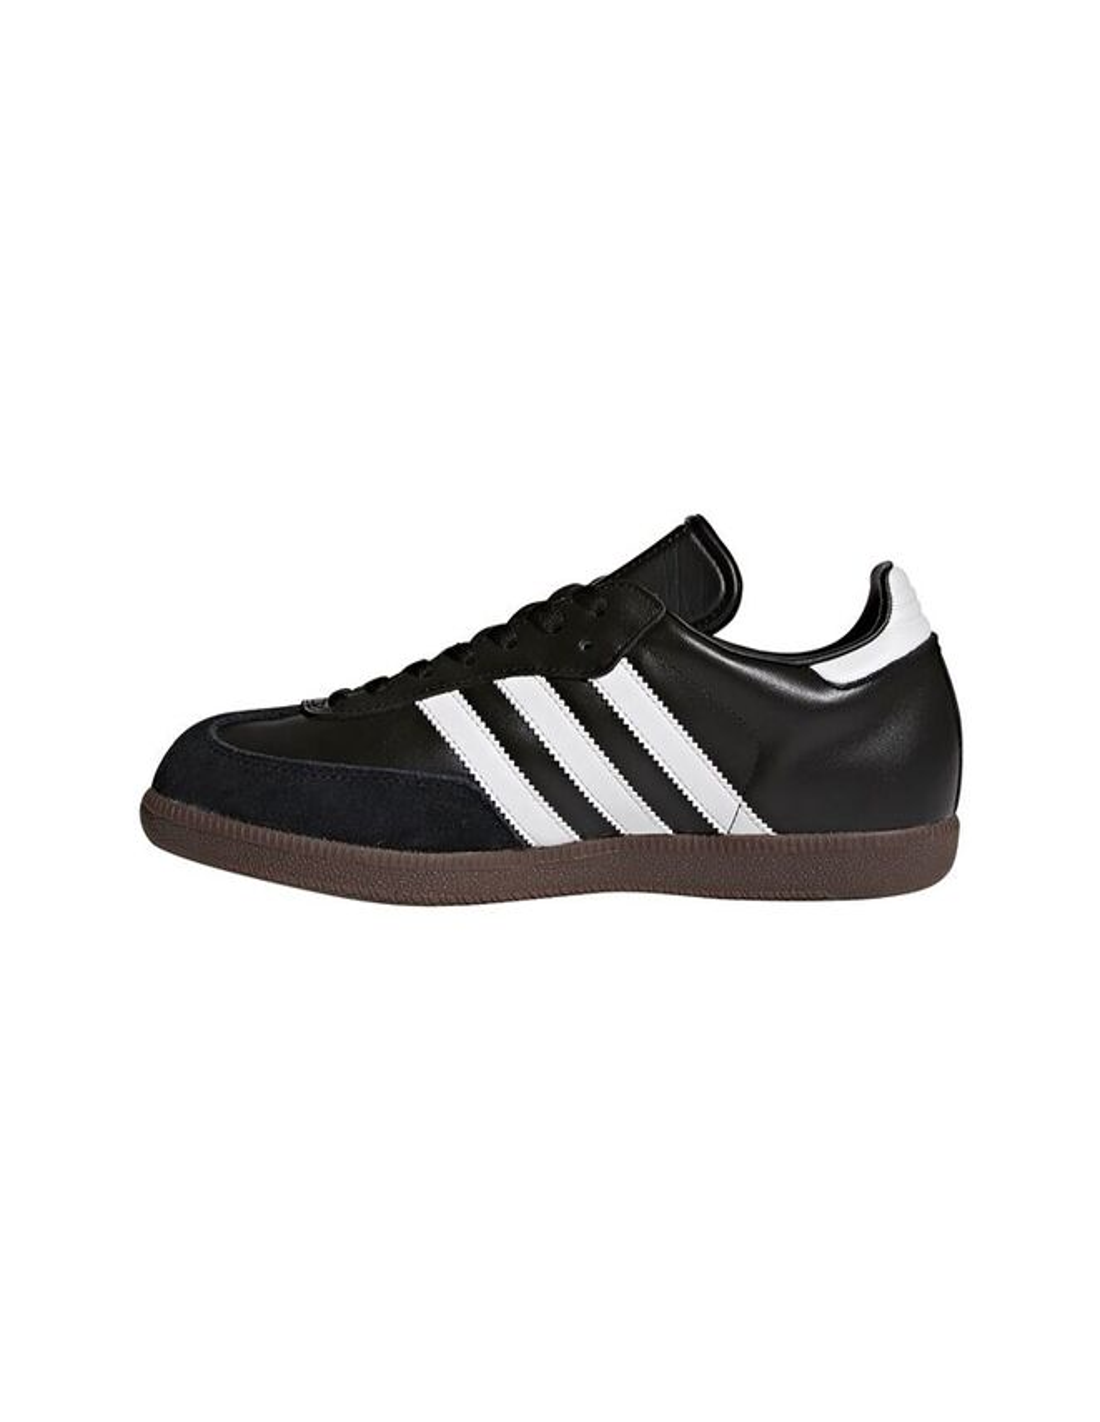 zapatillas adidas samba niña